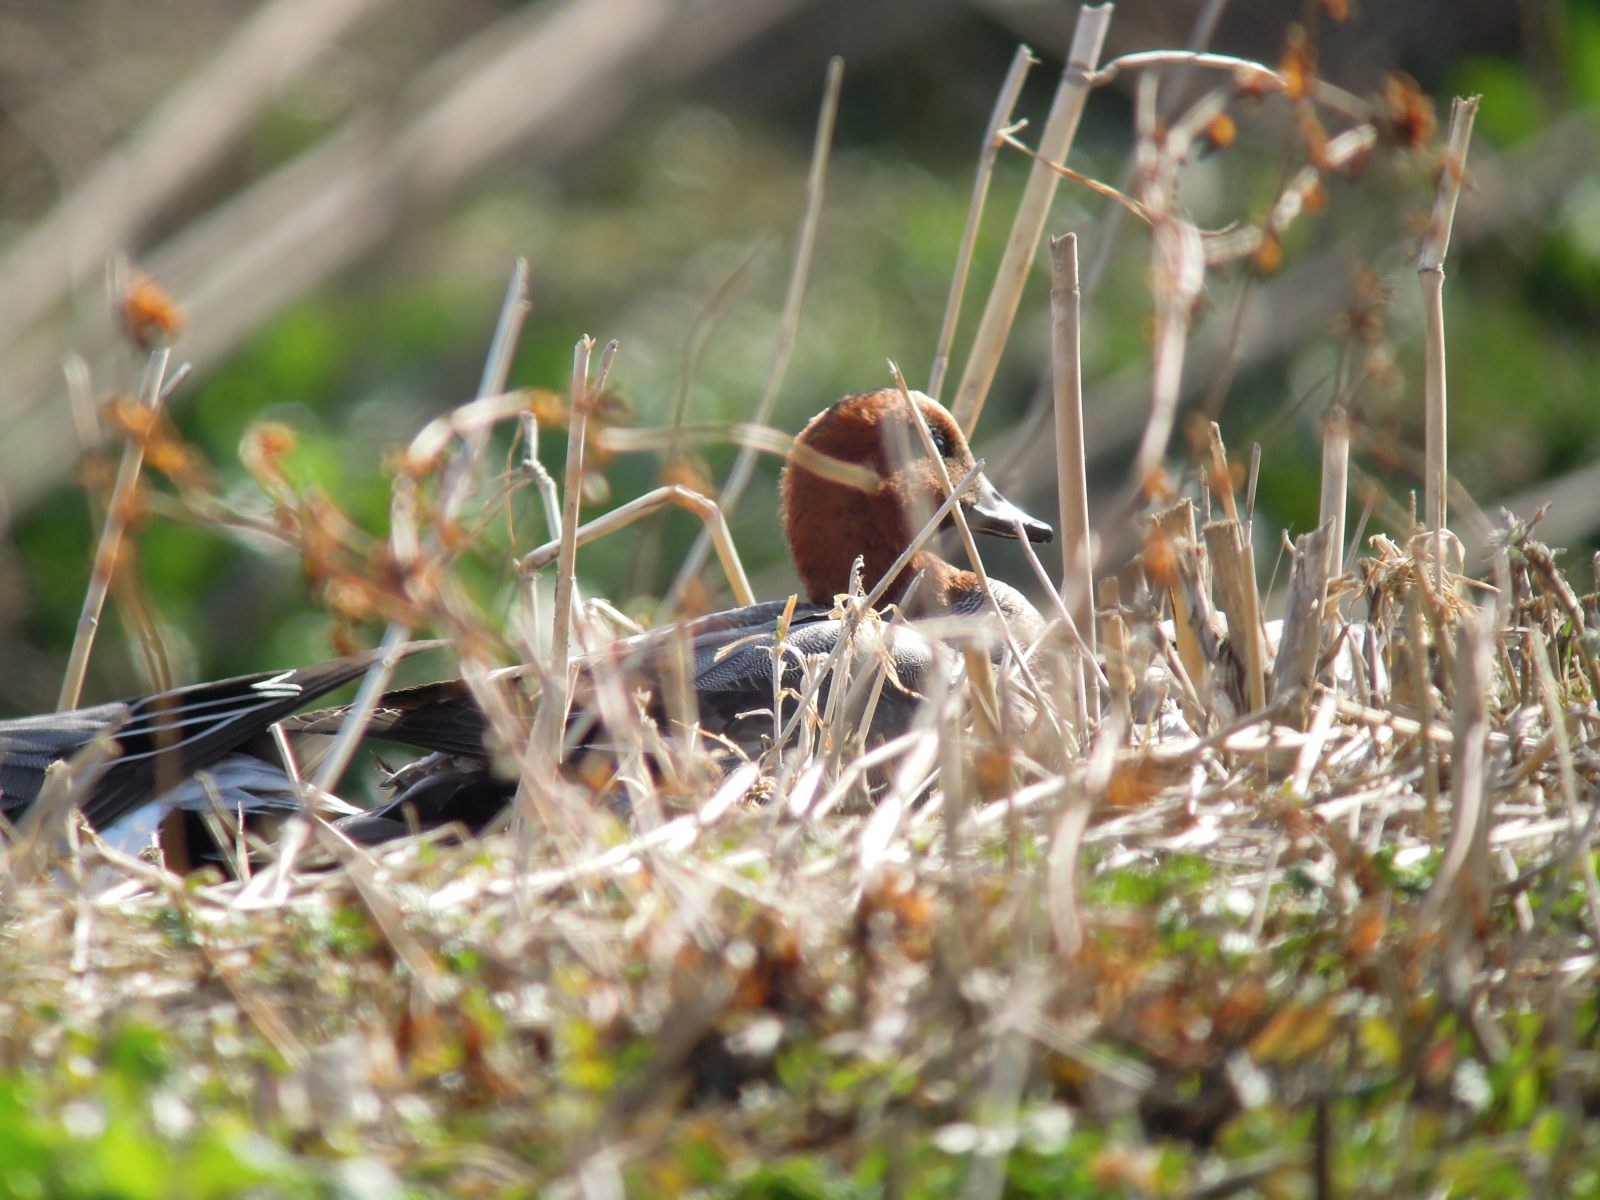 2014年2月7日 コゲラ/小啄木鳥/Japanese Pygmy Woodpecker_f0108797_15424389.jpg